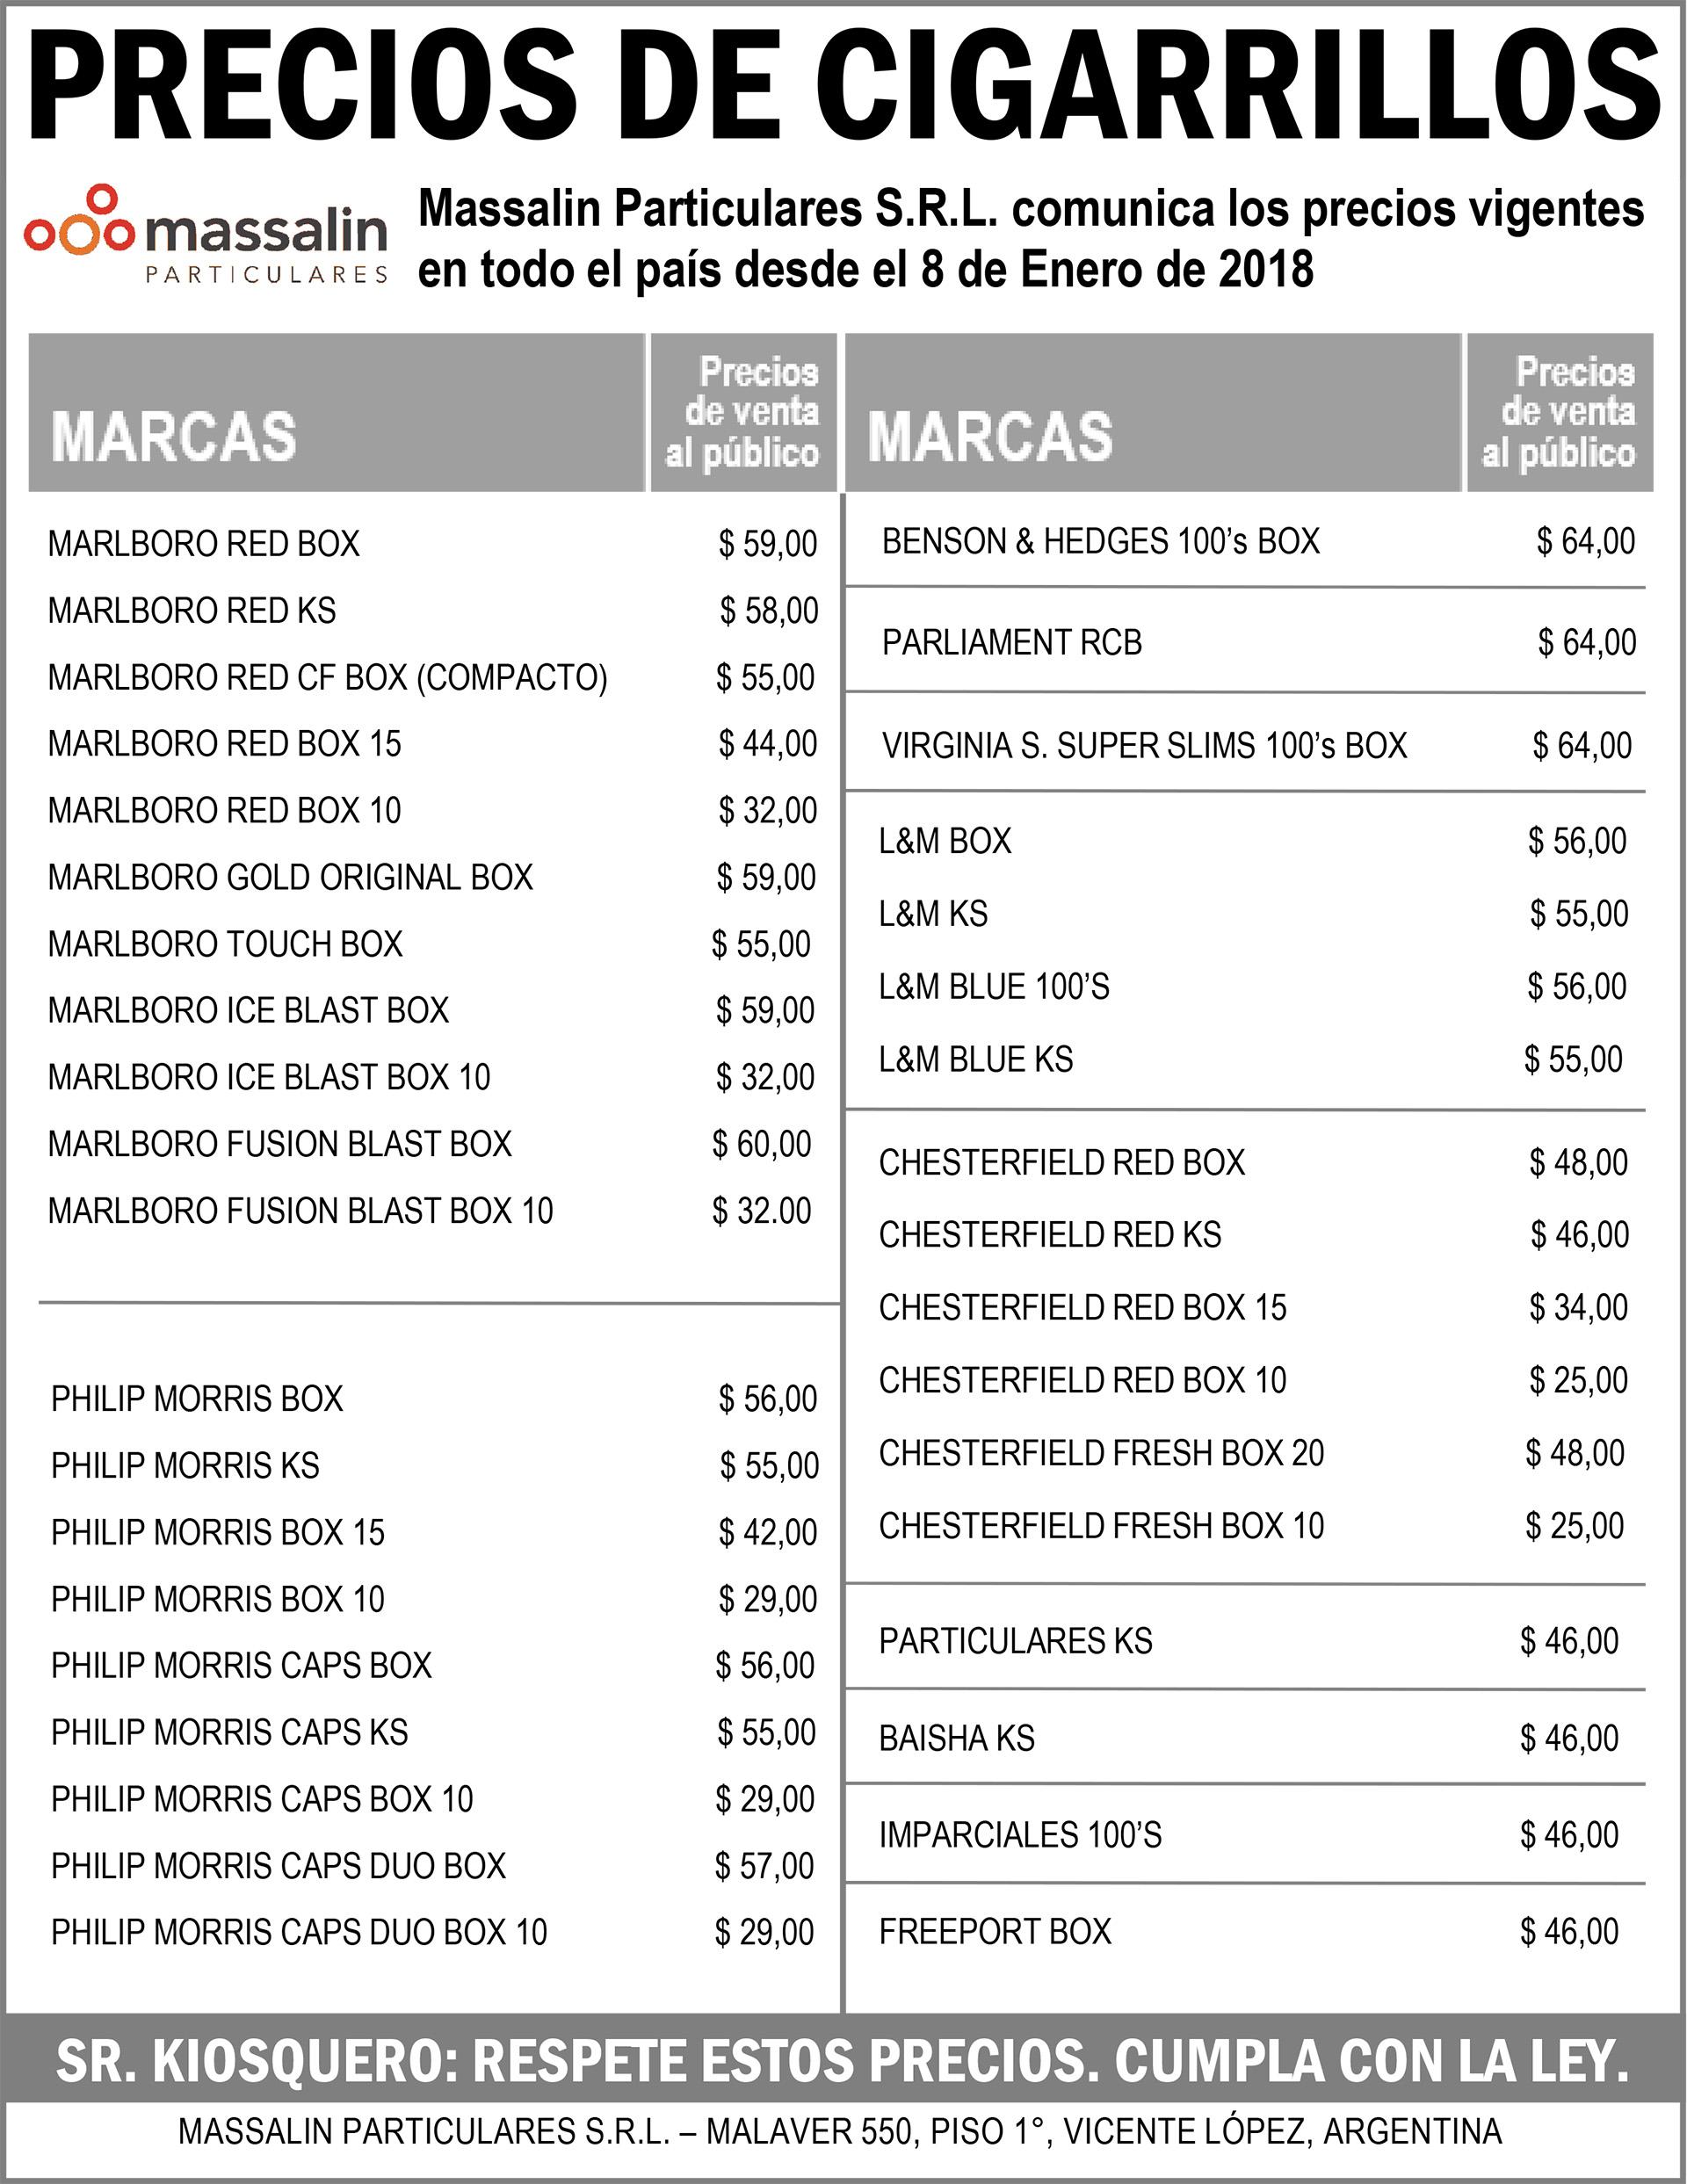 image of Precio Cigarrillos Argentina 2018 01